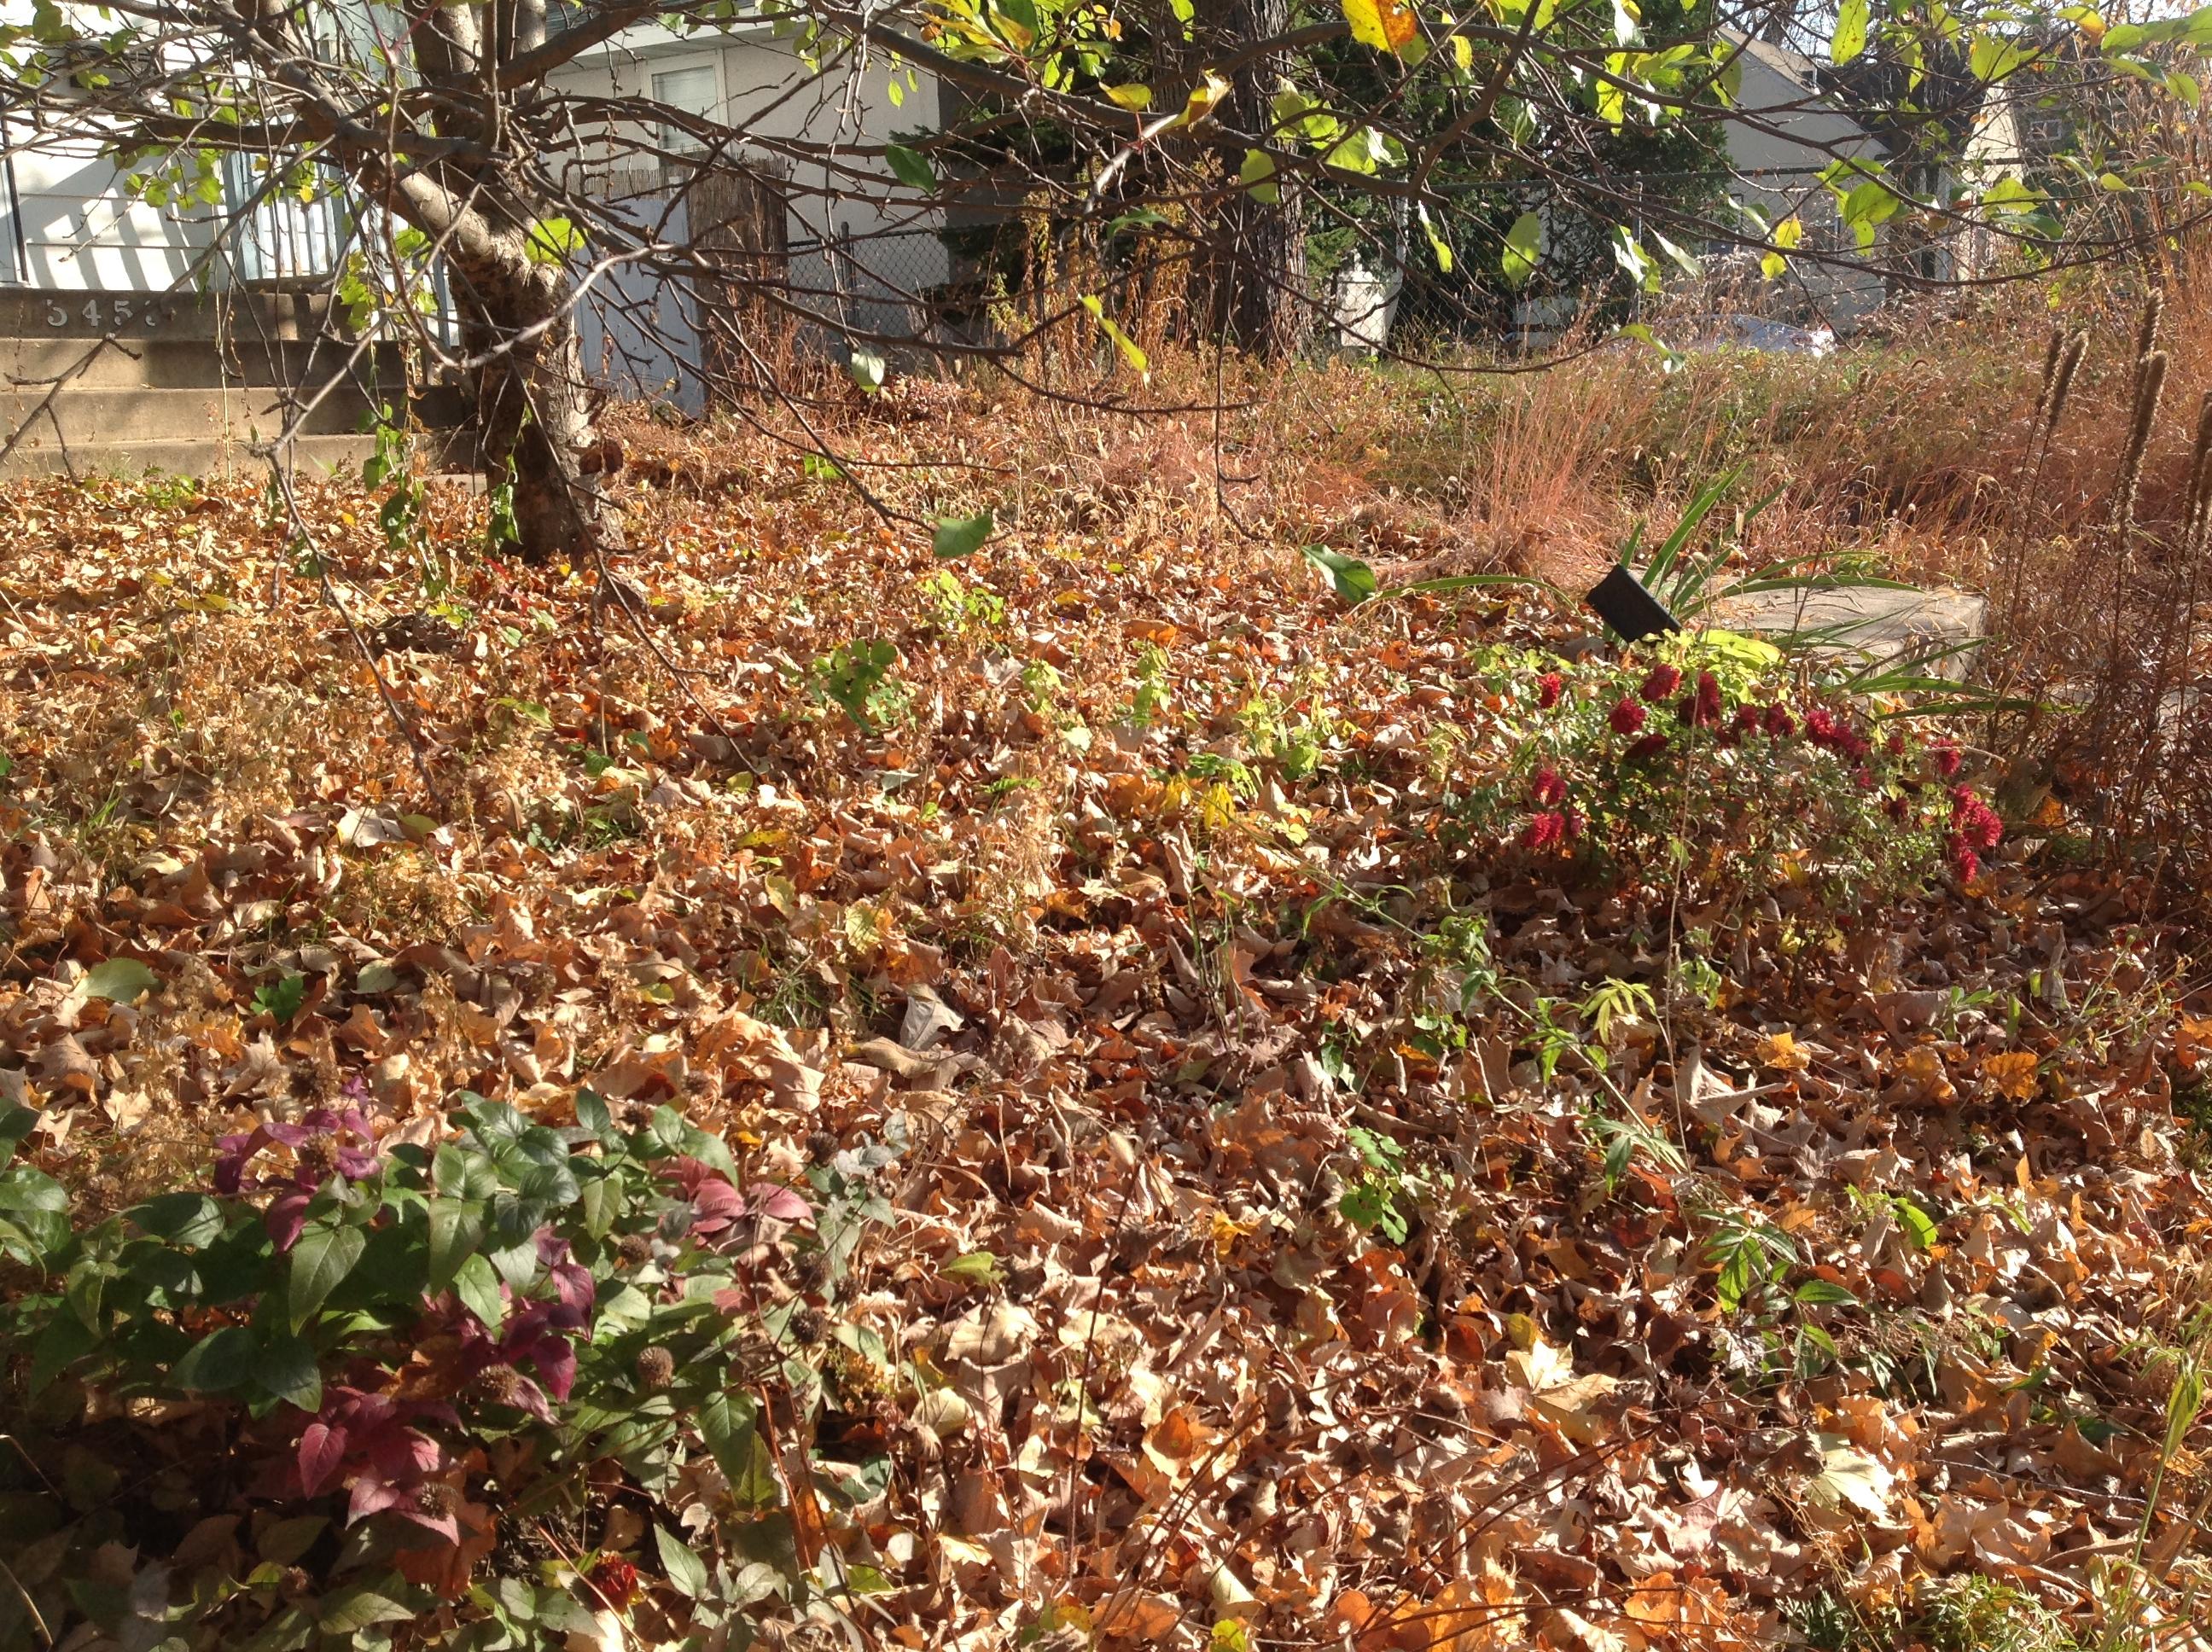 Late Fall Garden | Weeds